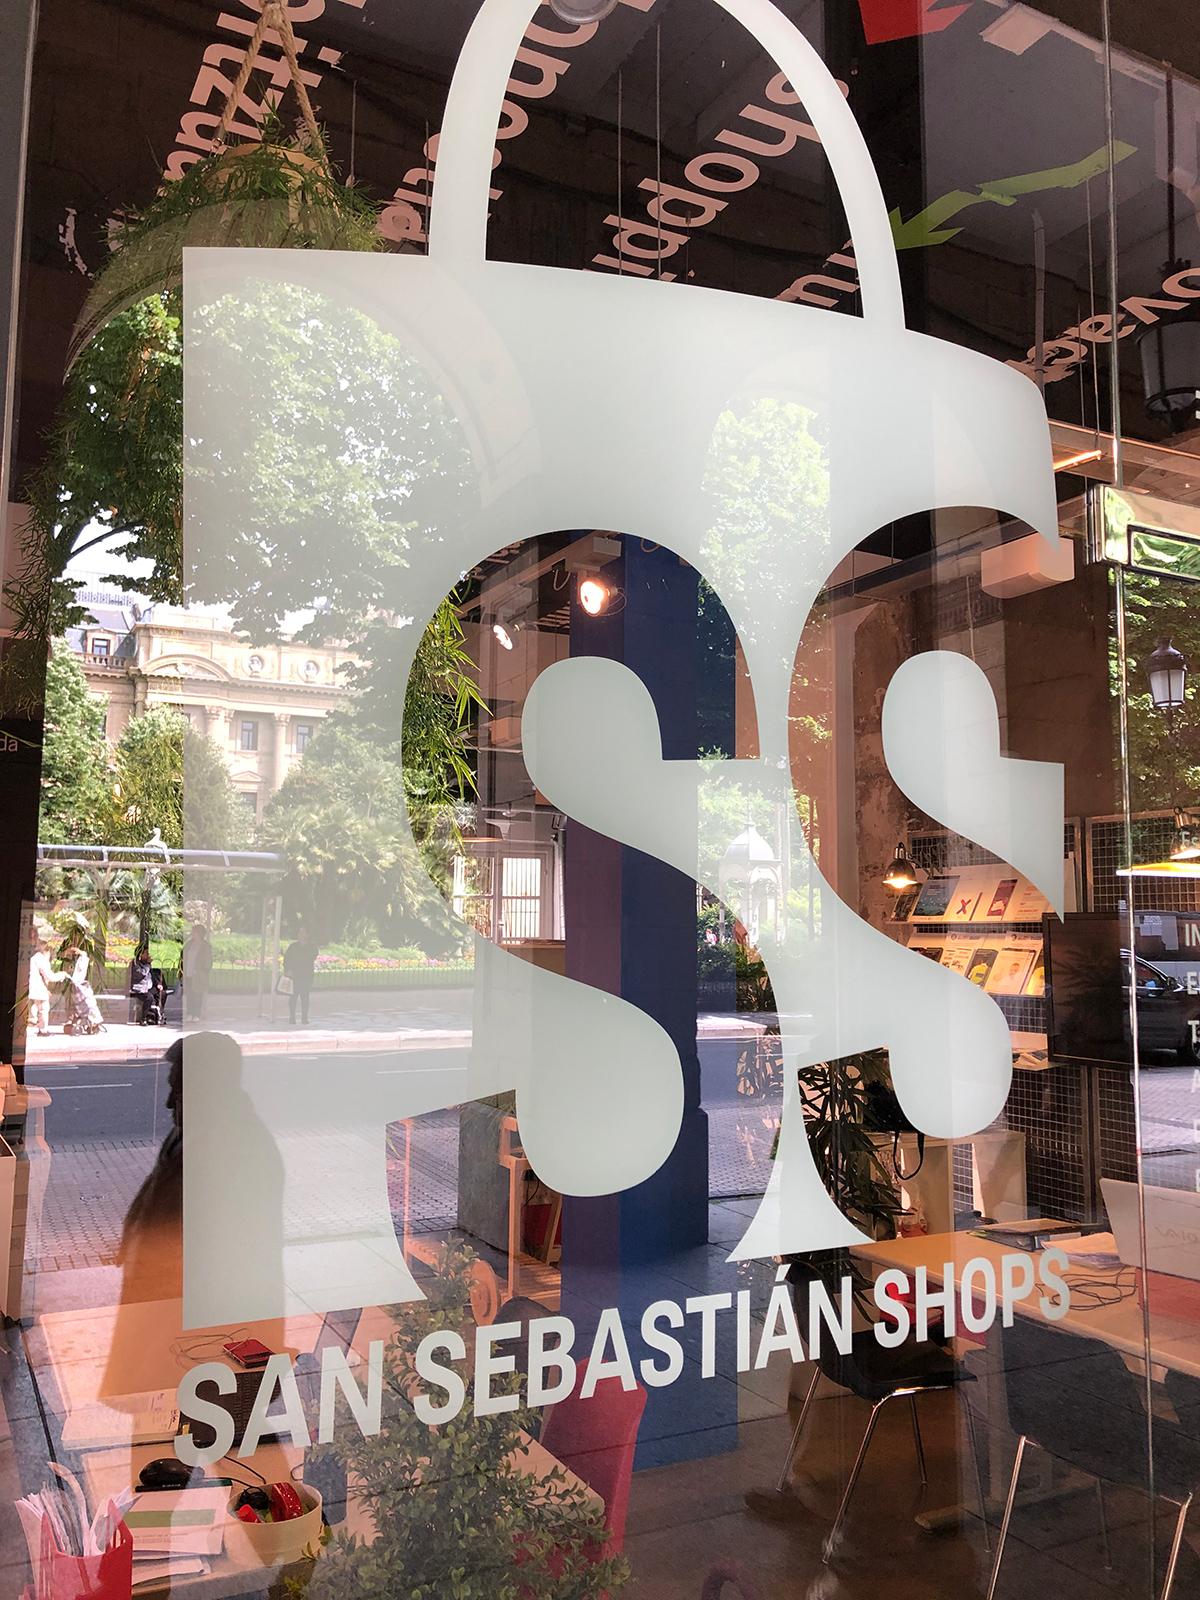 San Sebastián Shops